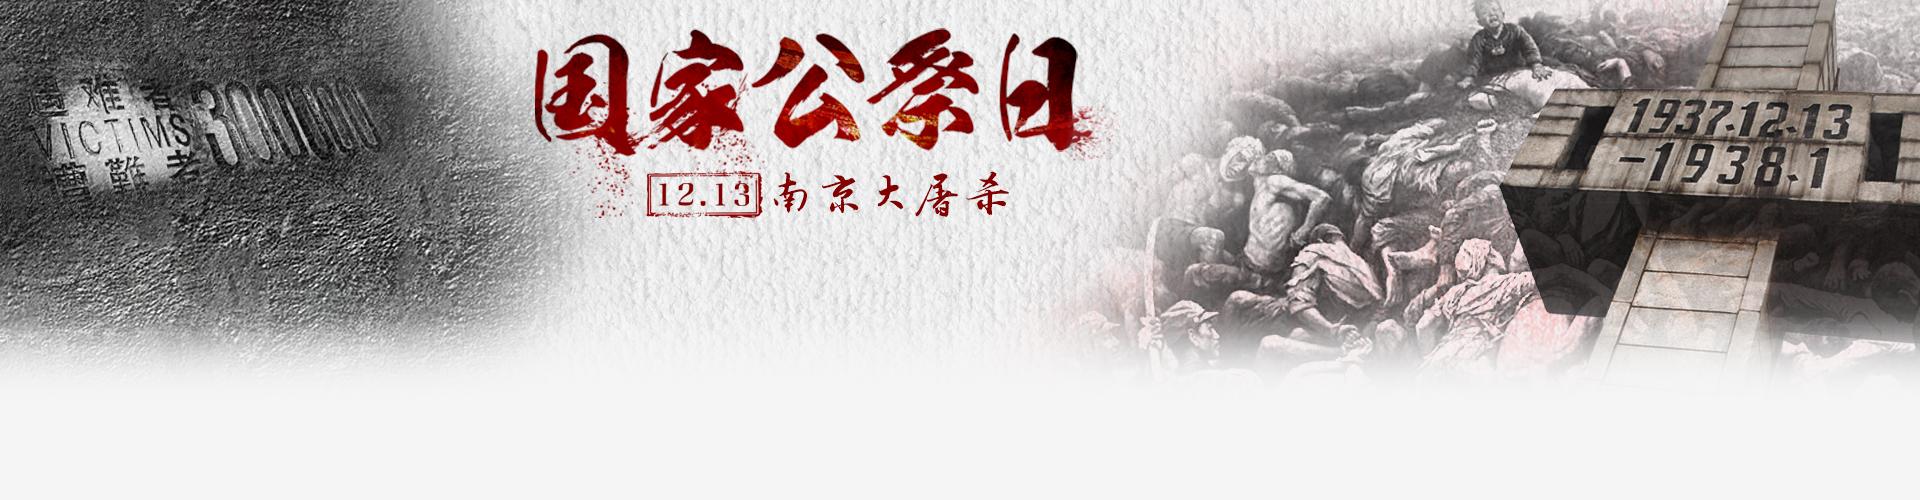 国家公祭日-南京大屠杀死难者国家公祭日